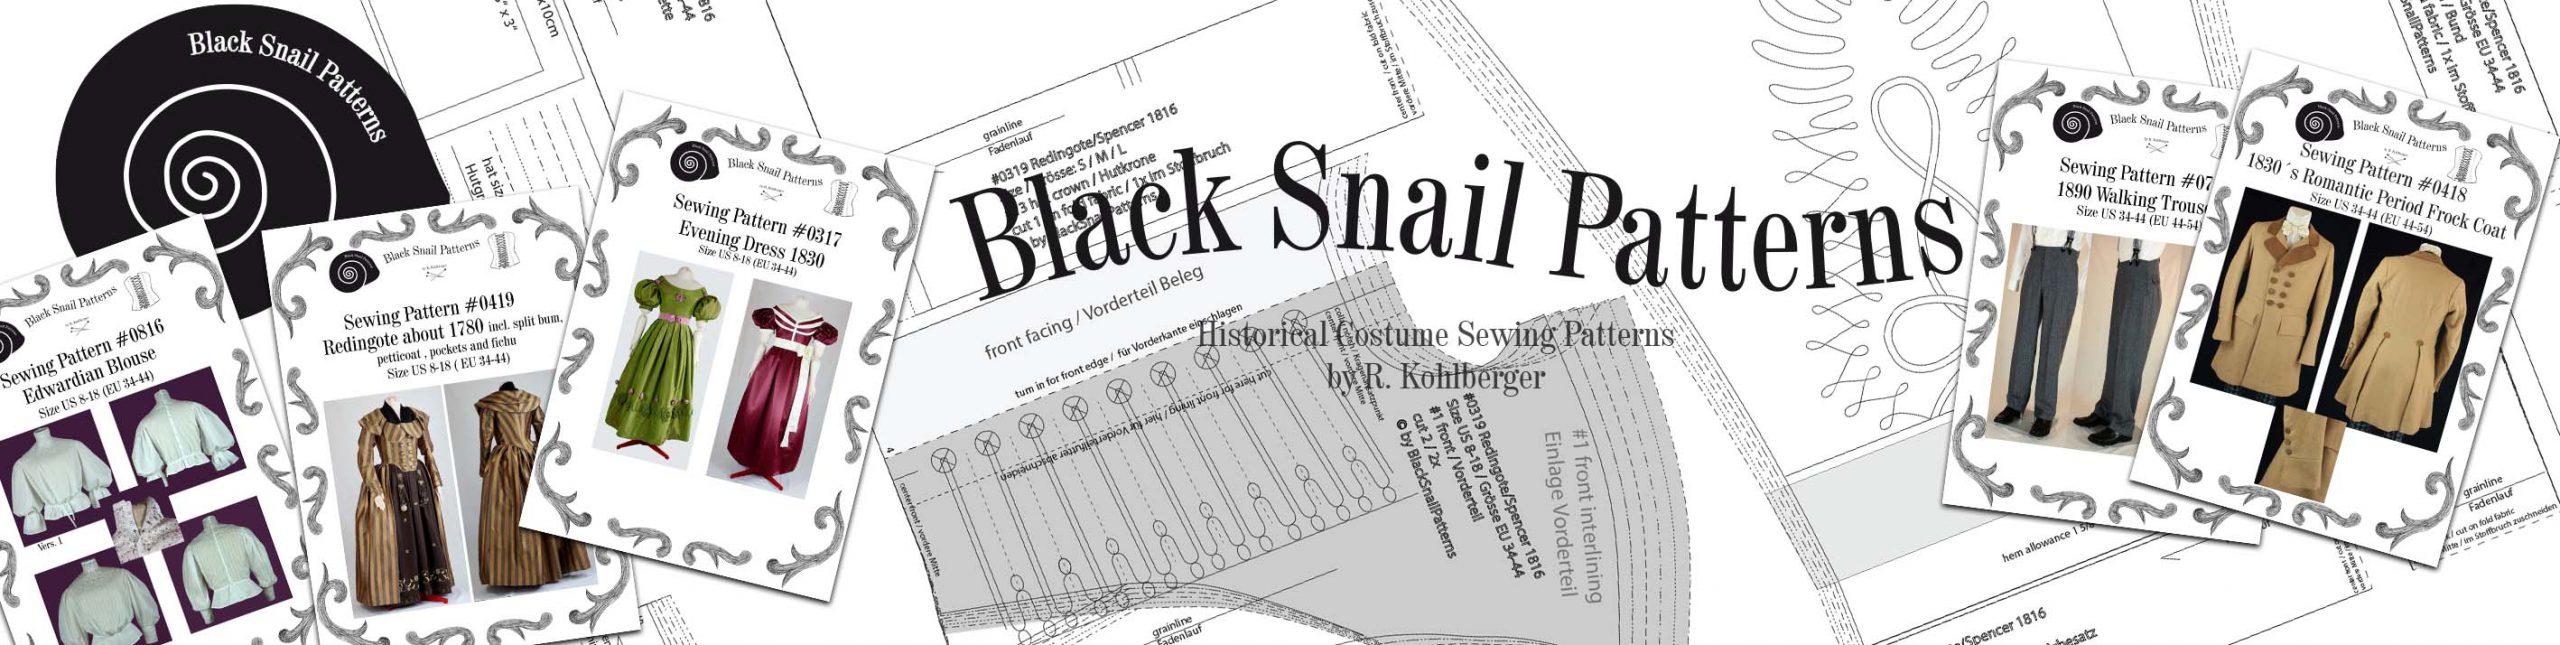 BlackSnail-Blog